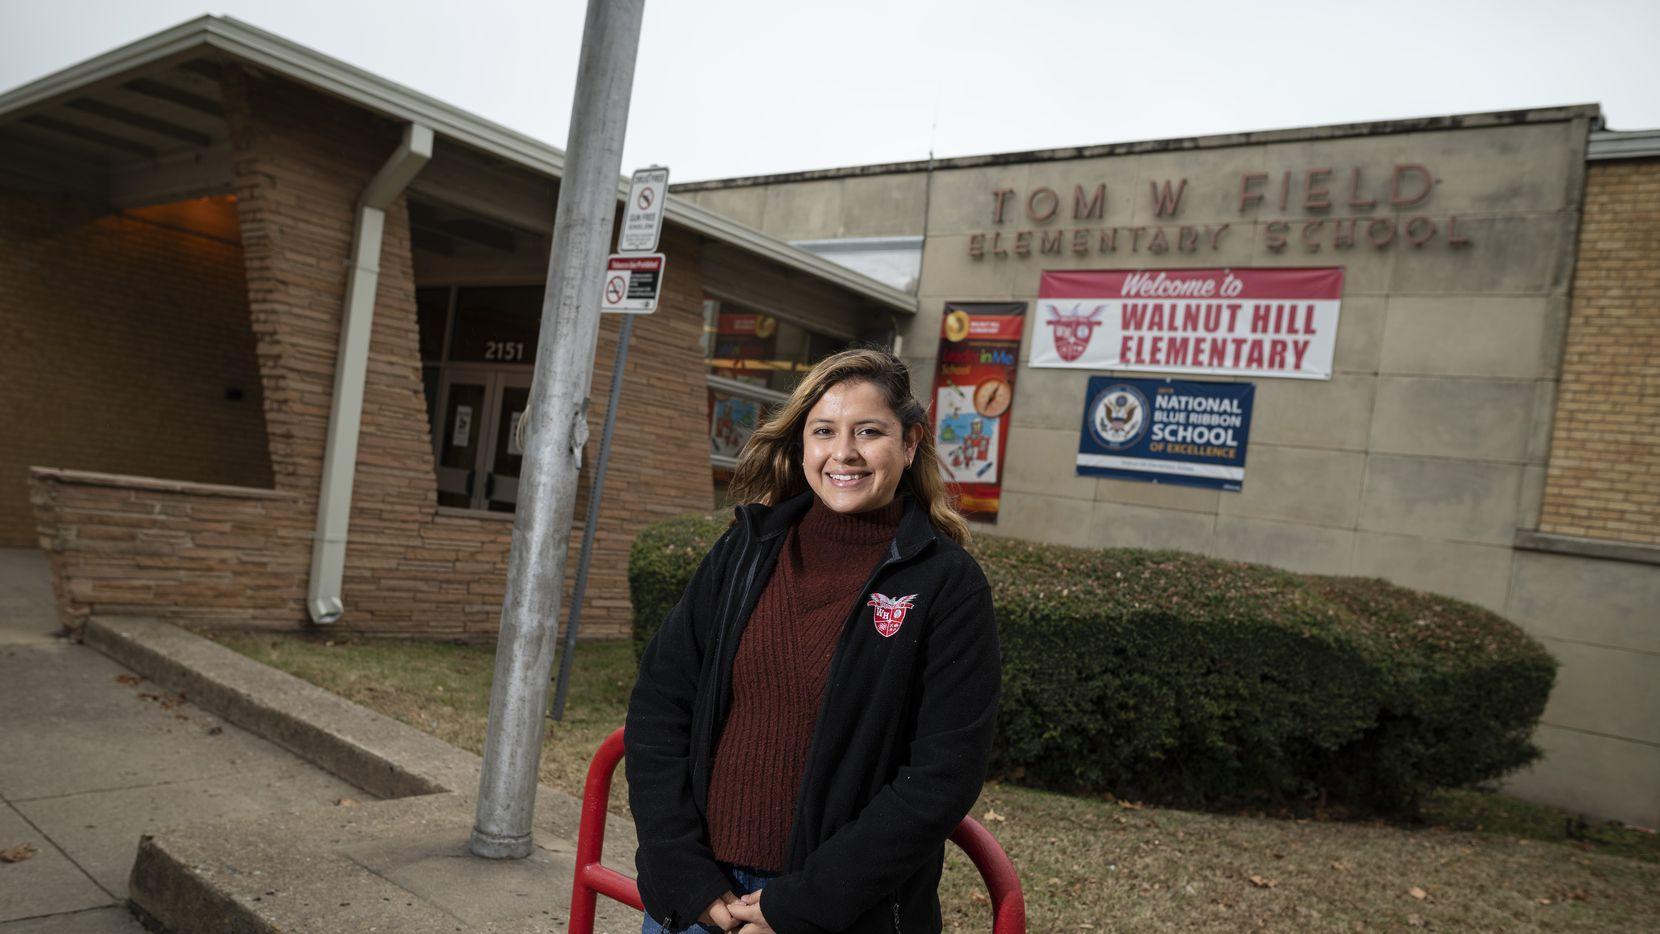 La maestra bilingüe María Díaz Ortiz en las afueras de la escuela Walnut Hill que es uno de los planteles del DISD que cuenta con este programa.